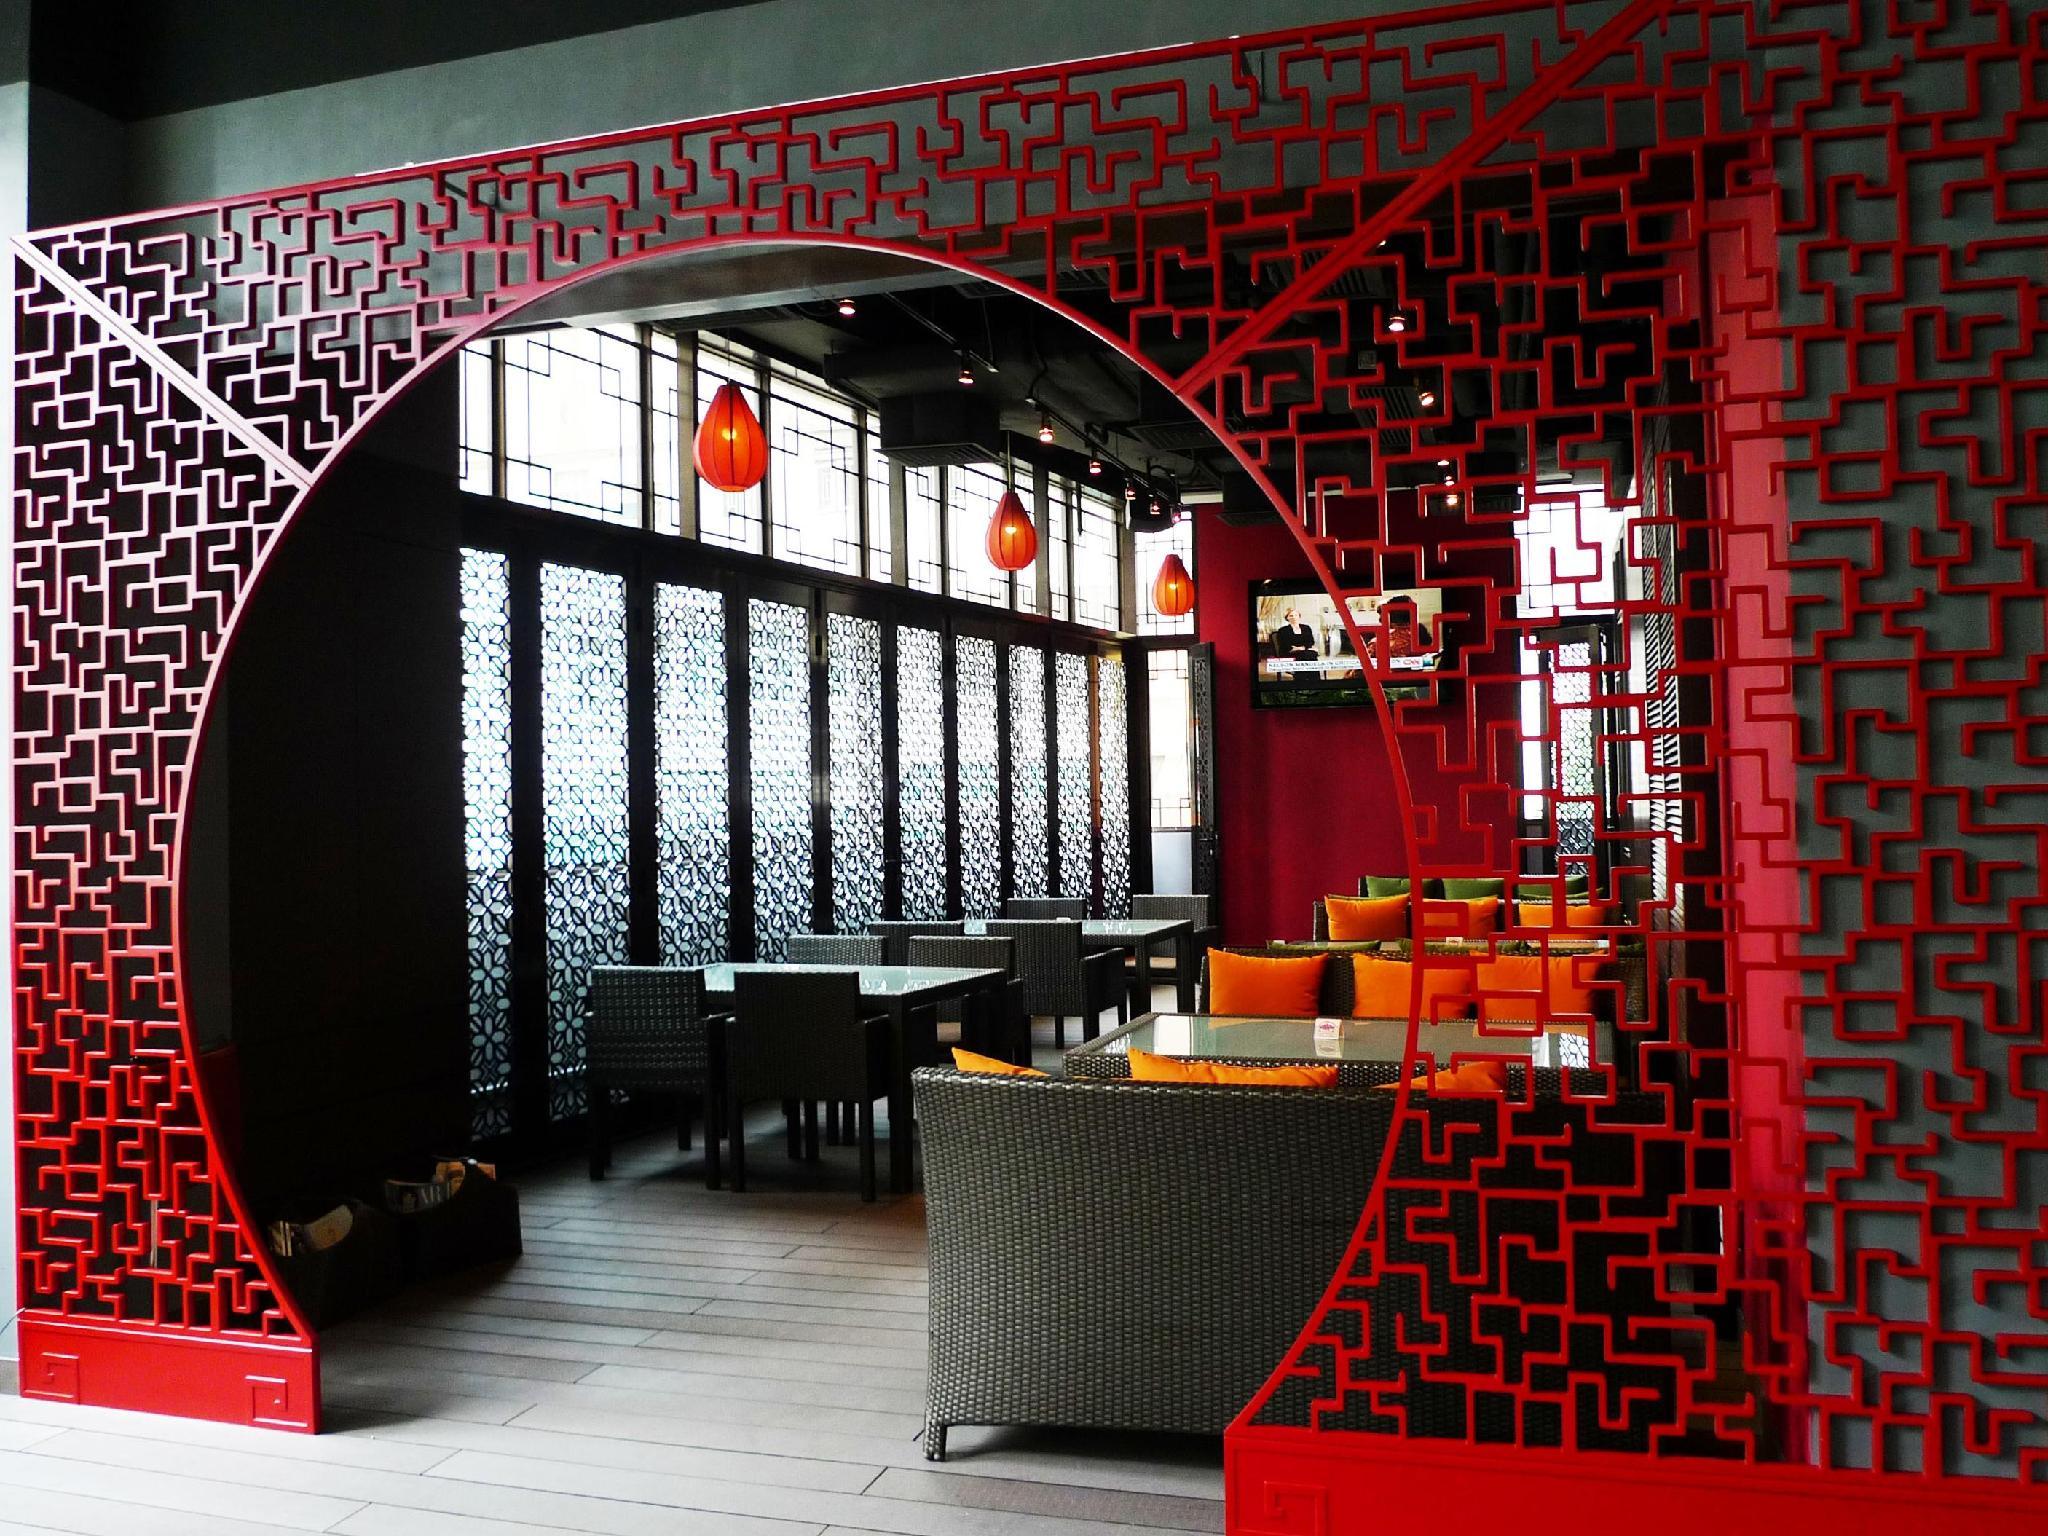 Lan Kwai Fong Hotel @ Kau U Fong Hongkong